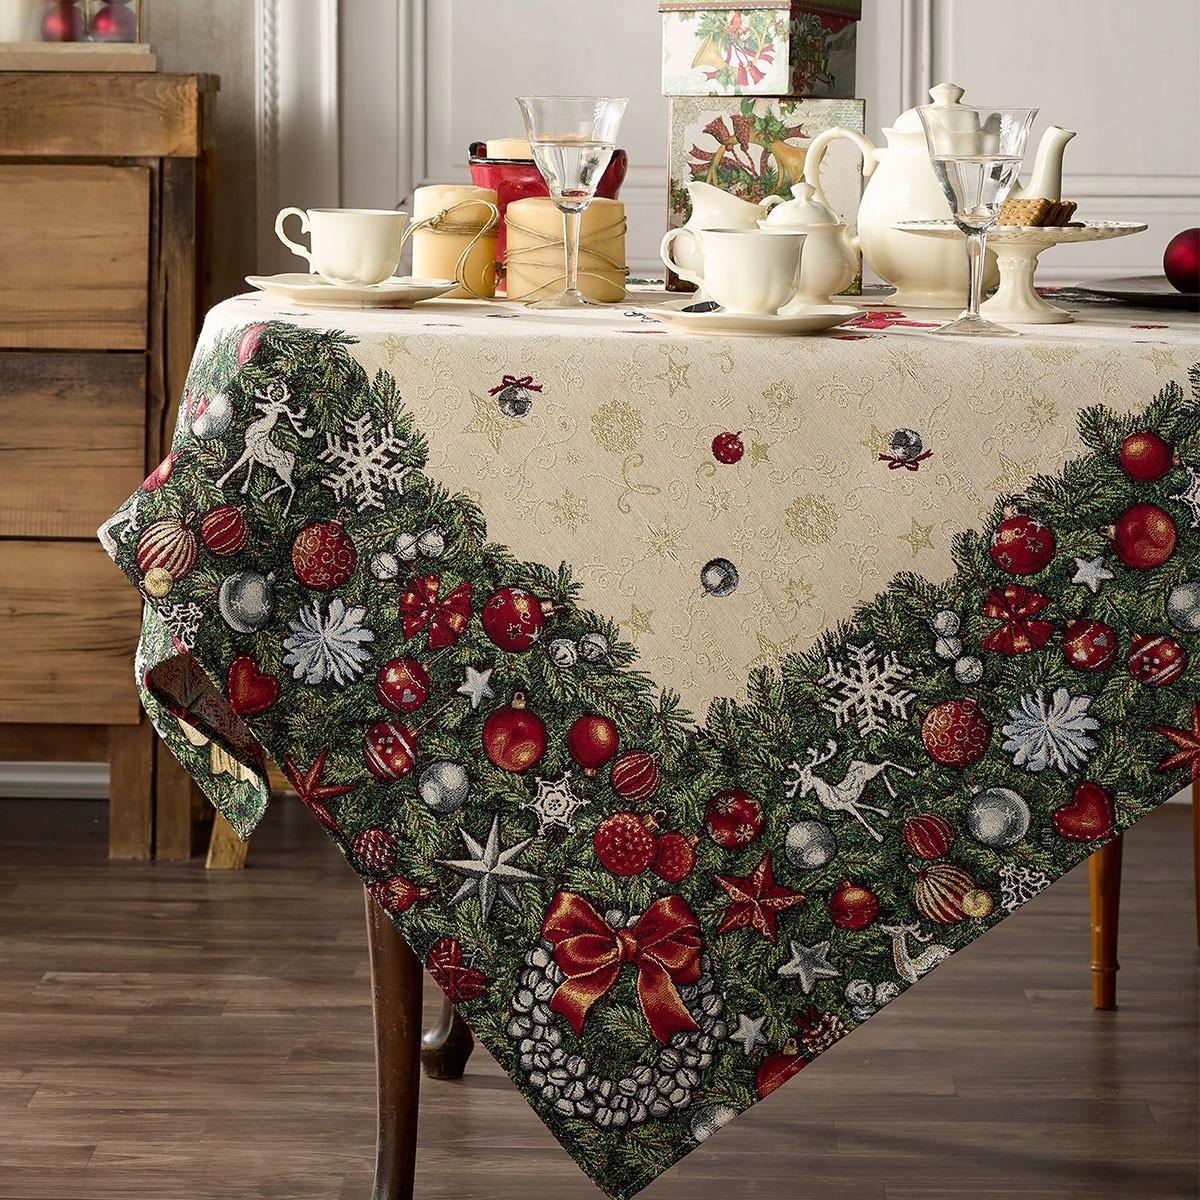 Χριστουγεννιάτικο Τραπεζομάντηλο (135×220) Gofis Home 209